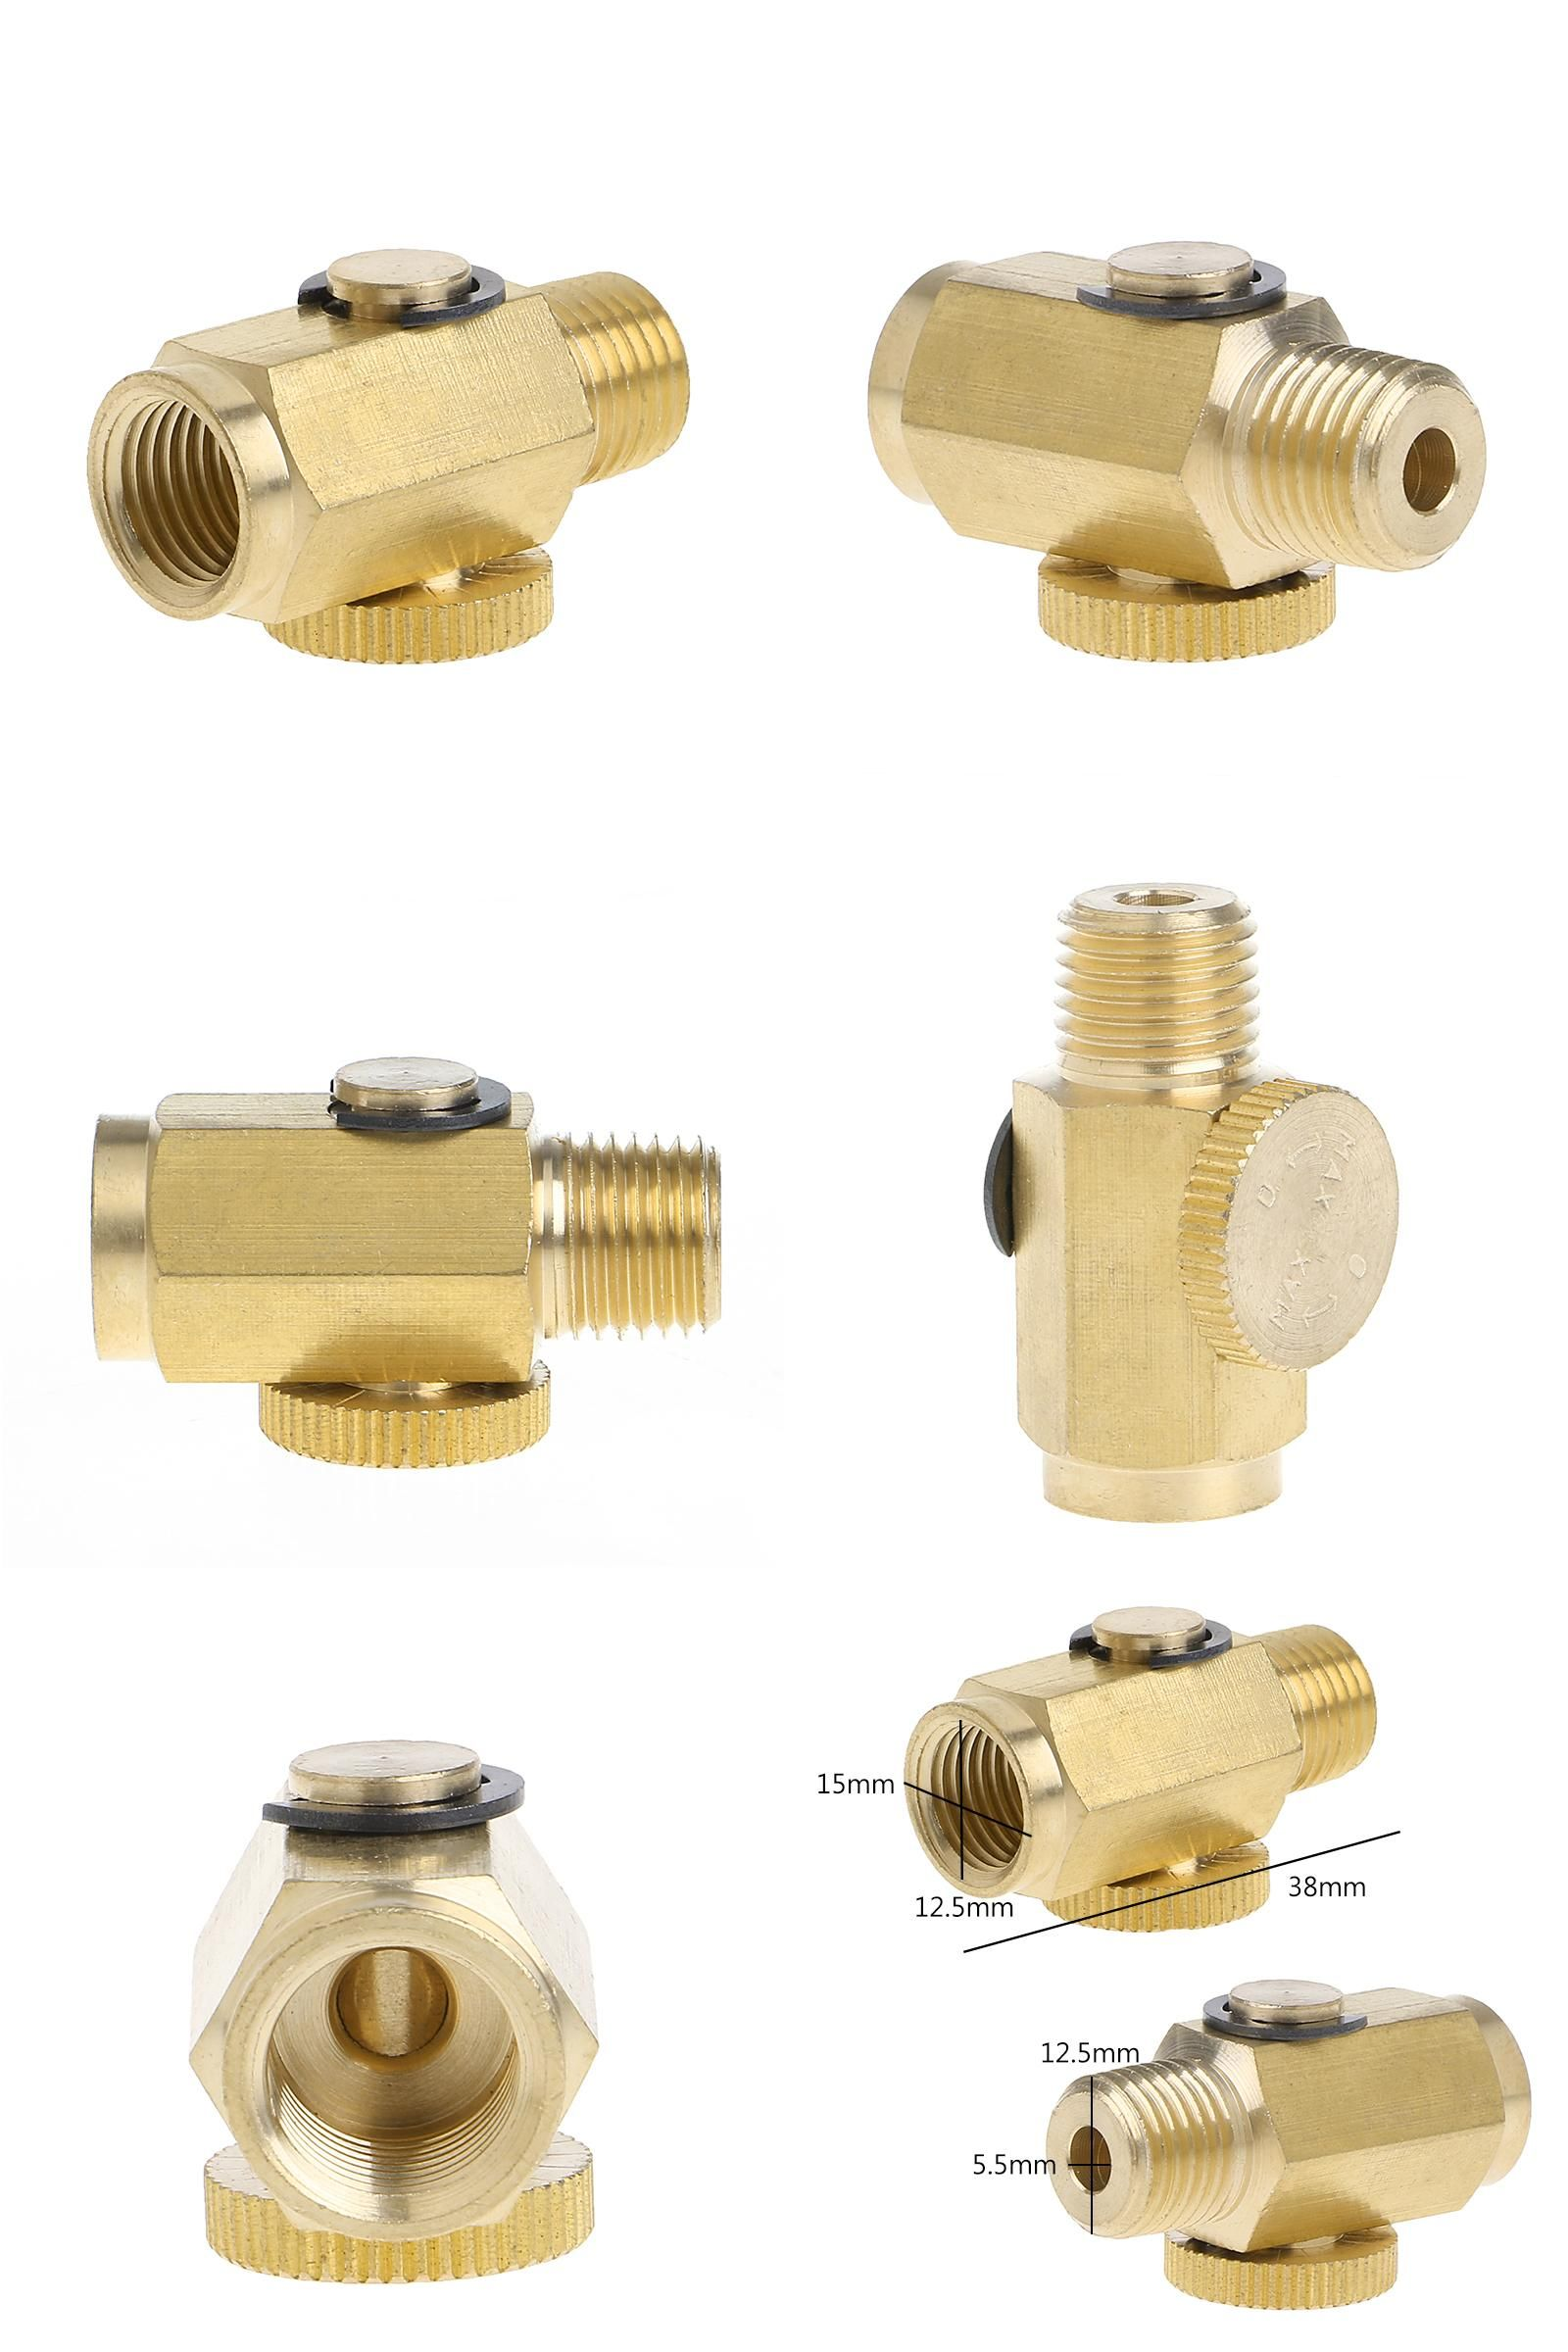 Visit To Buy 1 4 Npt Brass Compressed Air Pressure Valveinline Regulator Solid Tool Y103 Advertisement Compressed Air Air Pressure Brass